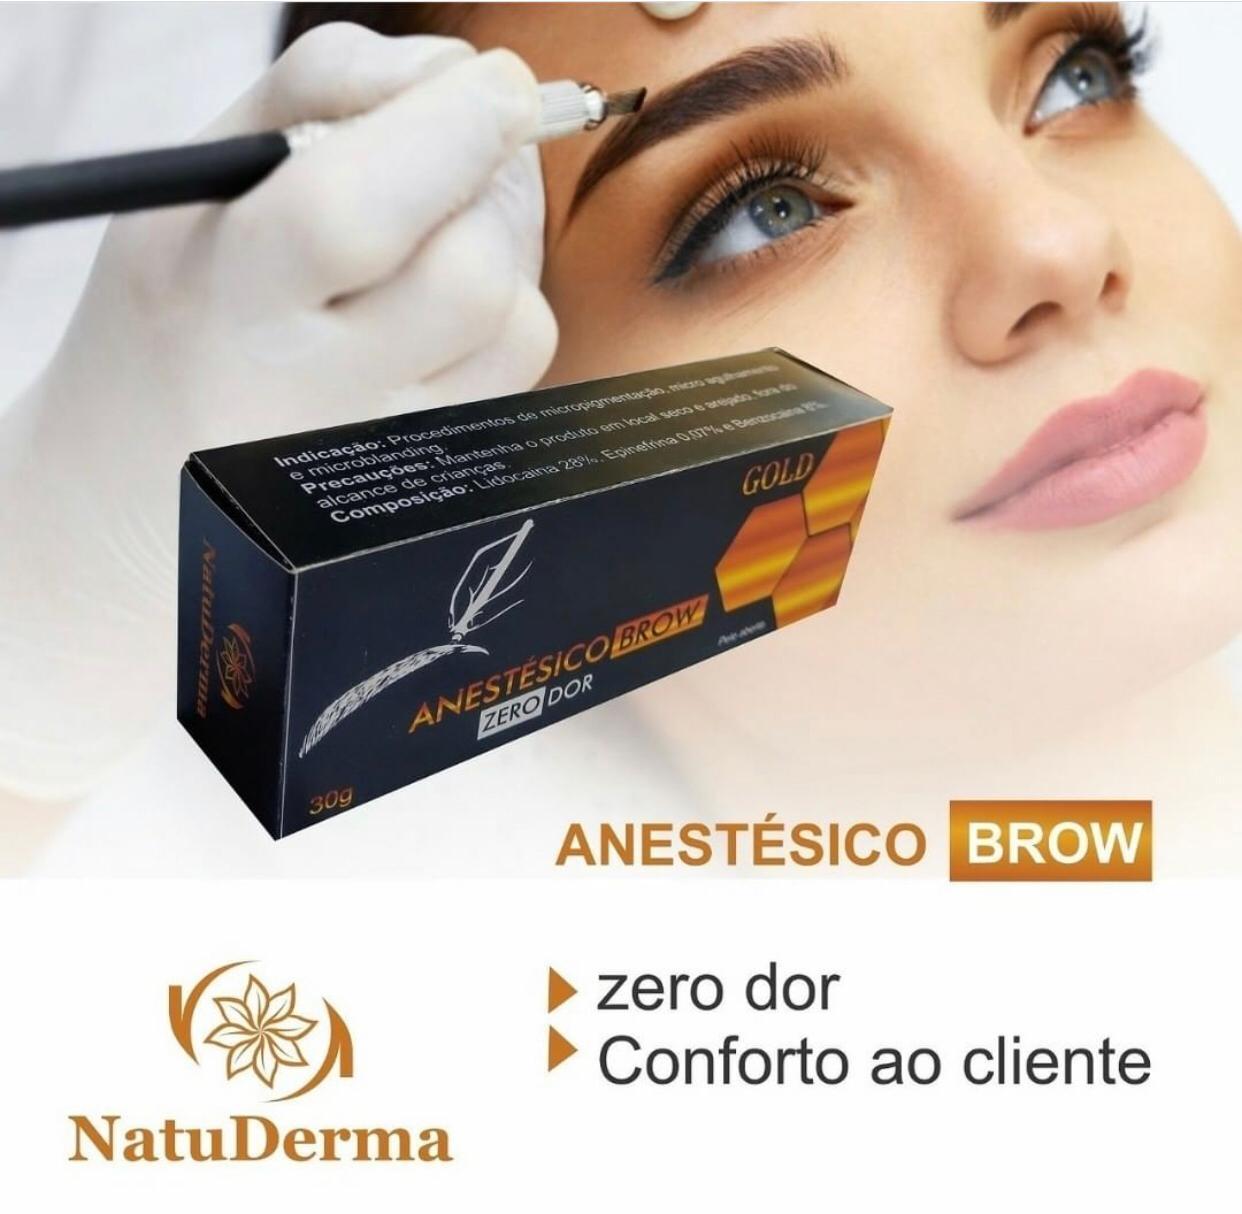 Anestésico Gold ZERO DOR NatuDerma - Sobrancelhas  - Tebori Nordeste